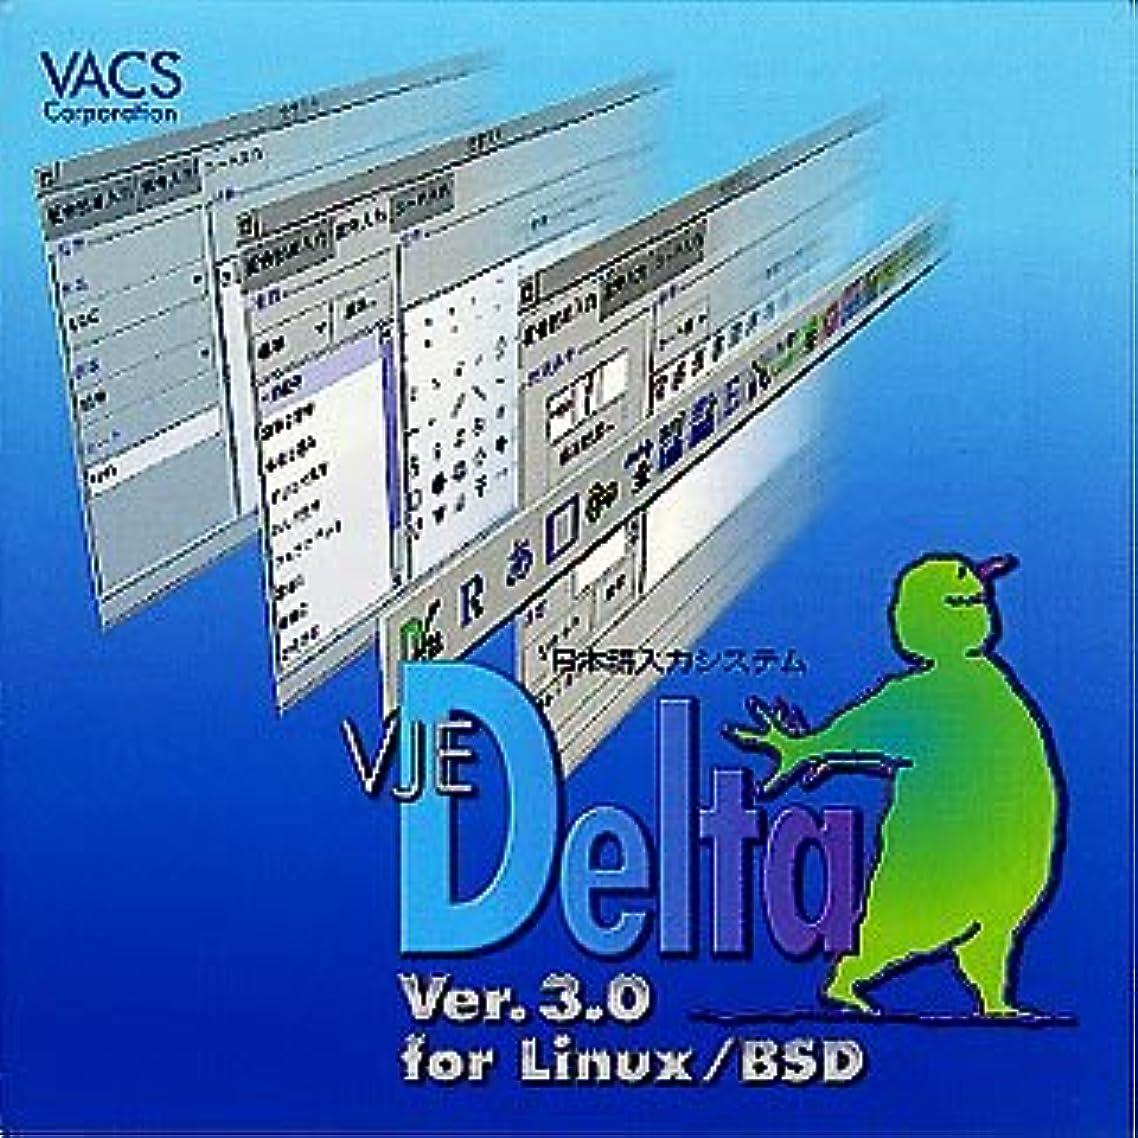 タイピスト不定個人的にVJE-Delta Ver.3.0 For Linux/BSD